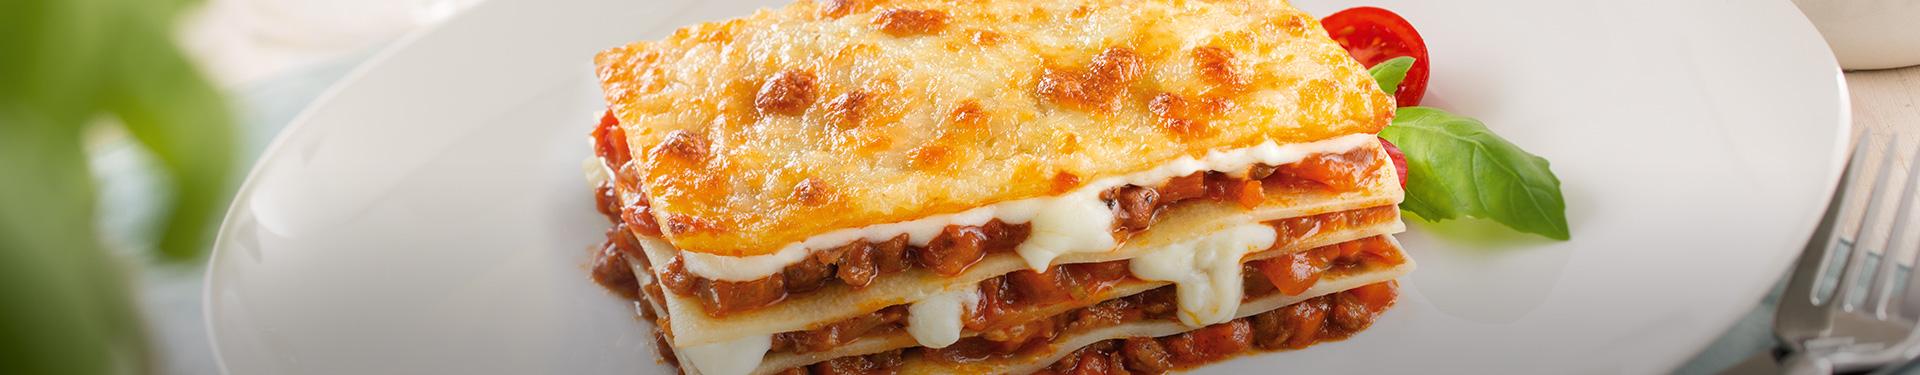 In der bei Netto Marken-Discount verkauften Lasagne Condeli Lasagne können Steine enthalten sein. (Foto: Condeli GmbH)